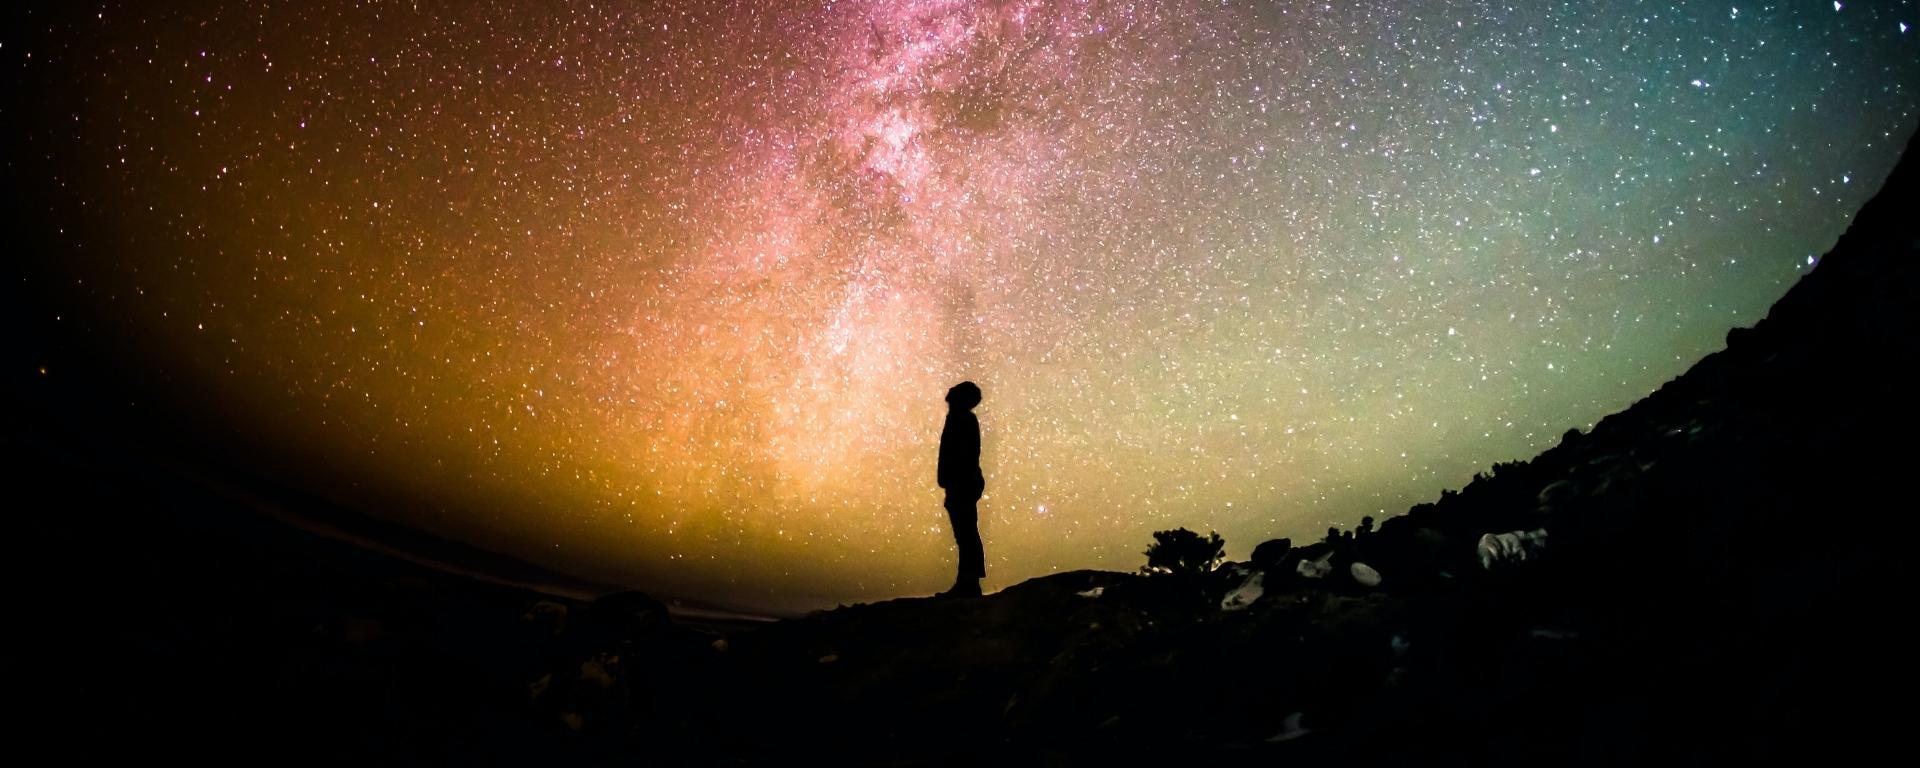 universo Dios creación biblia